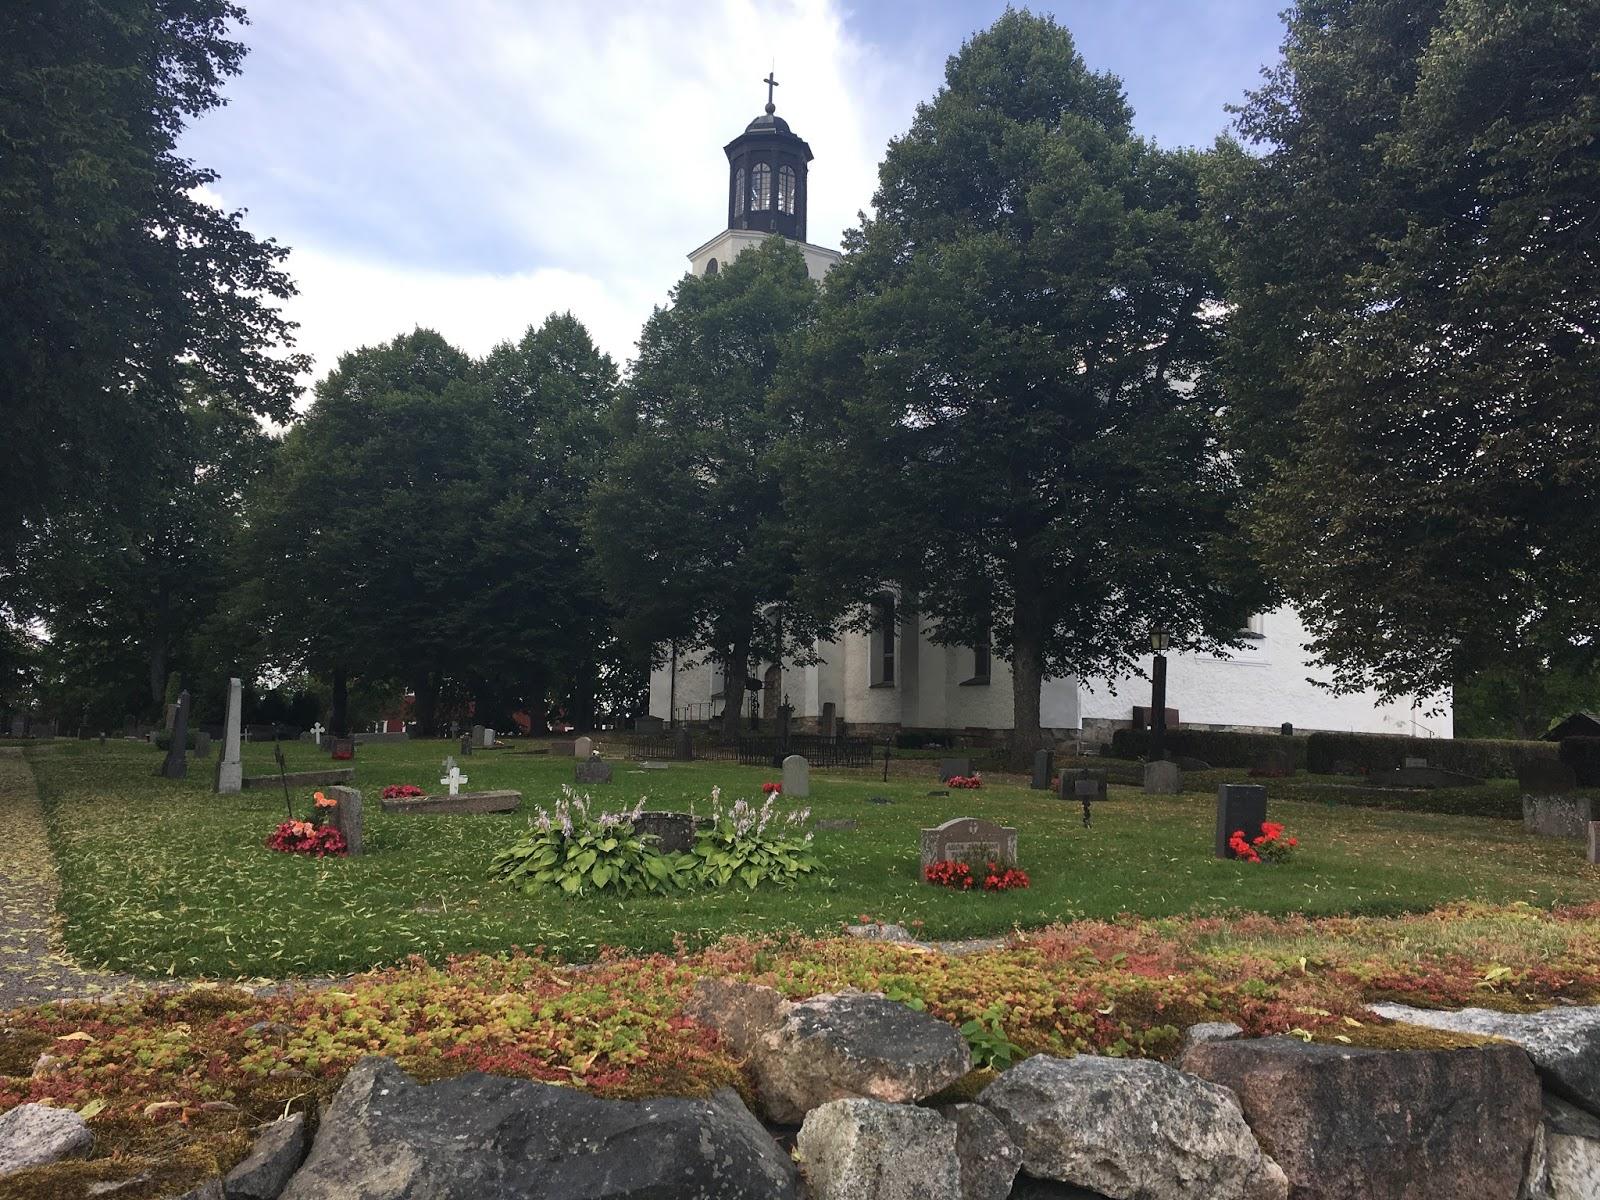 Om Kungsra kyrka - Svenska kyrkan Vsters